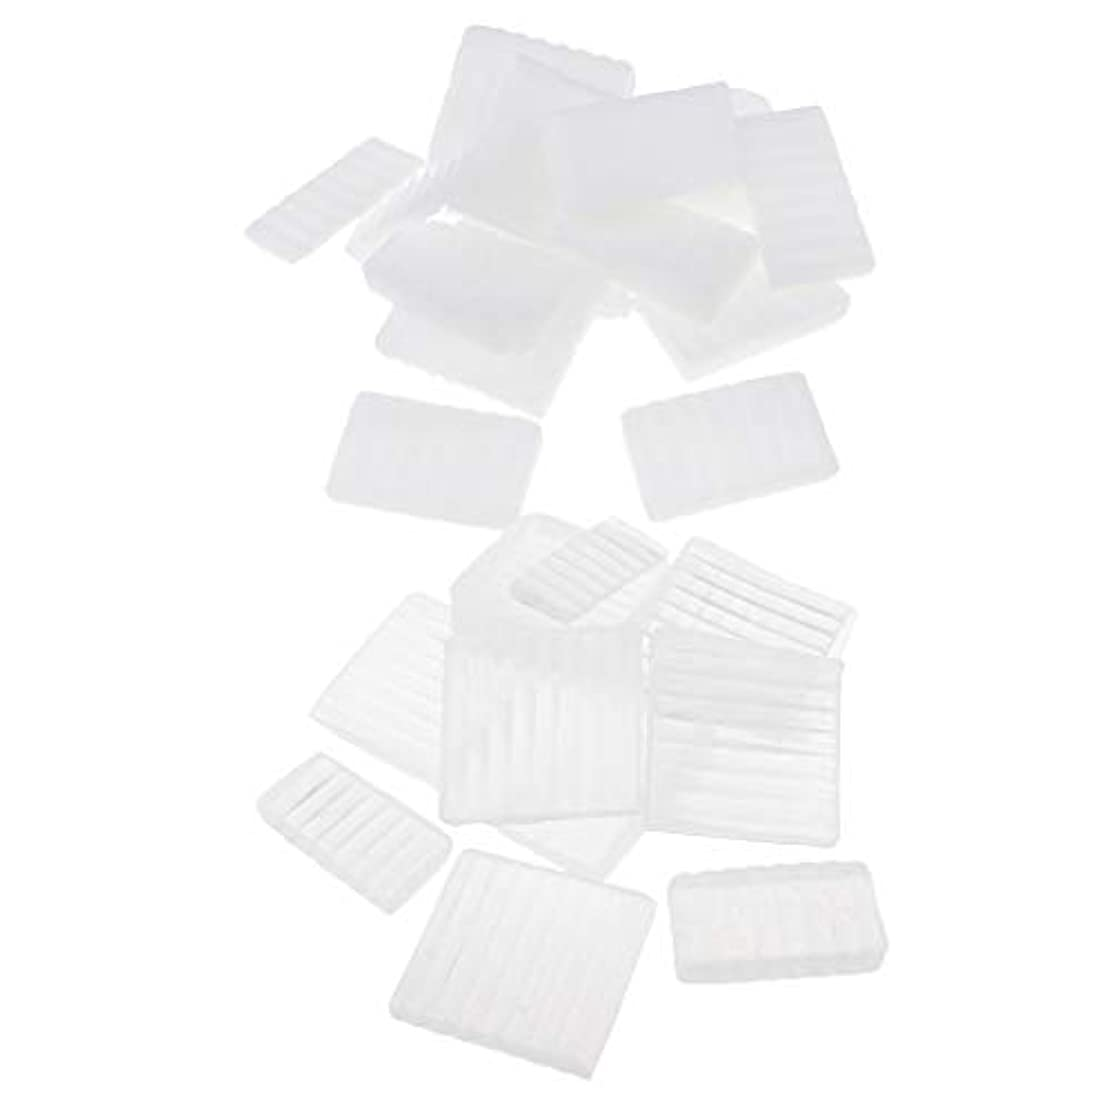 しょっぱいトランクライブラリ対処するdailymall 石鹸ベース ソープメイキング素材 ソープ グリセリンソープ ハンドメイド 石鹸材料